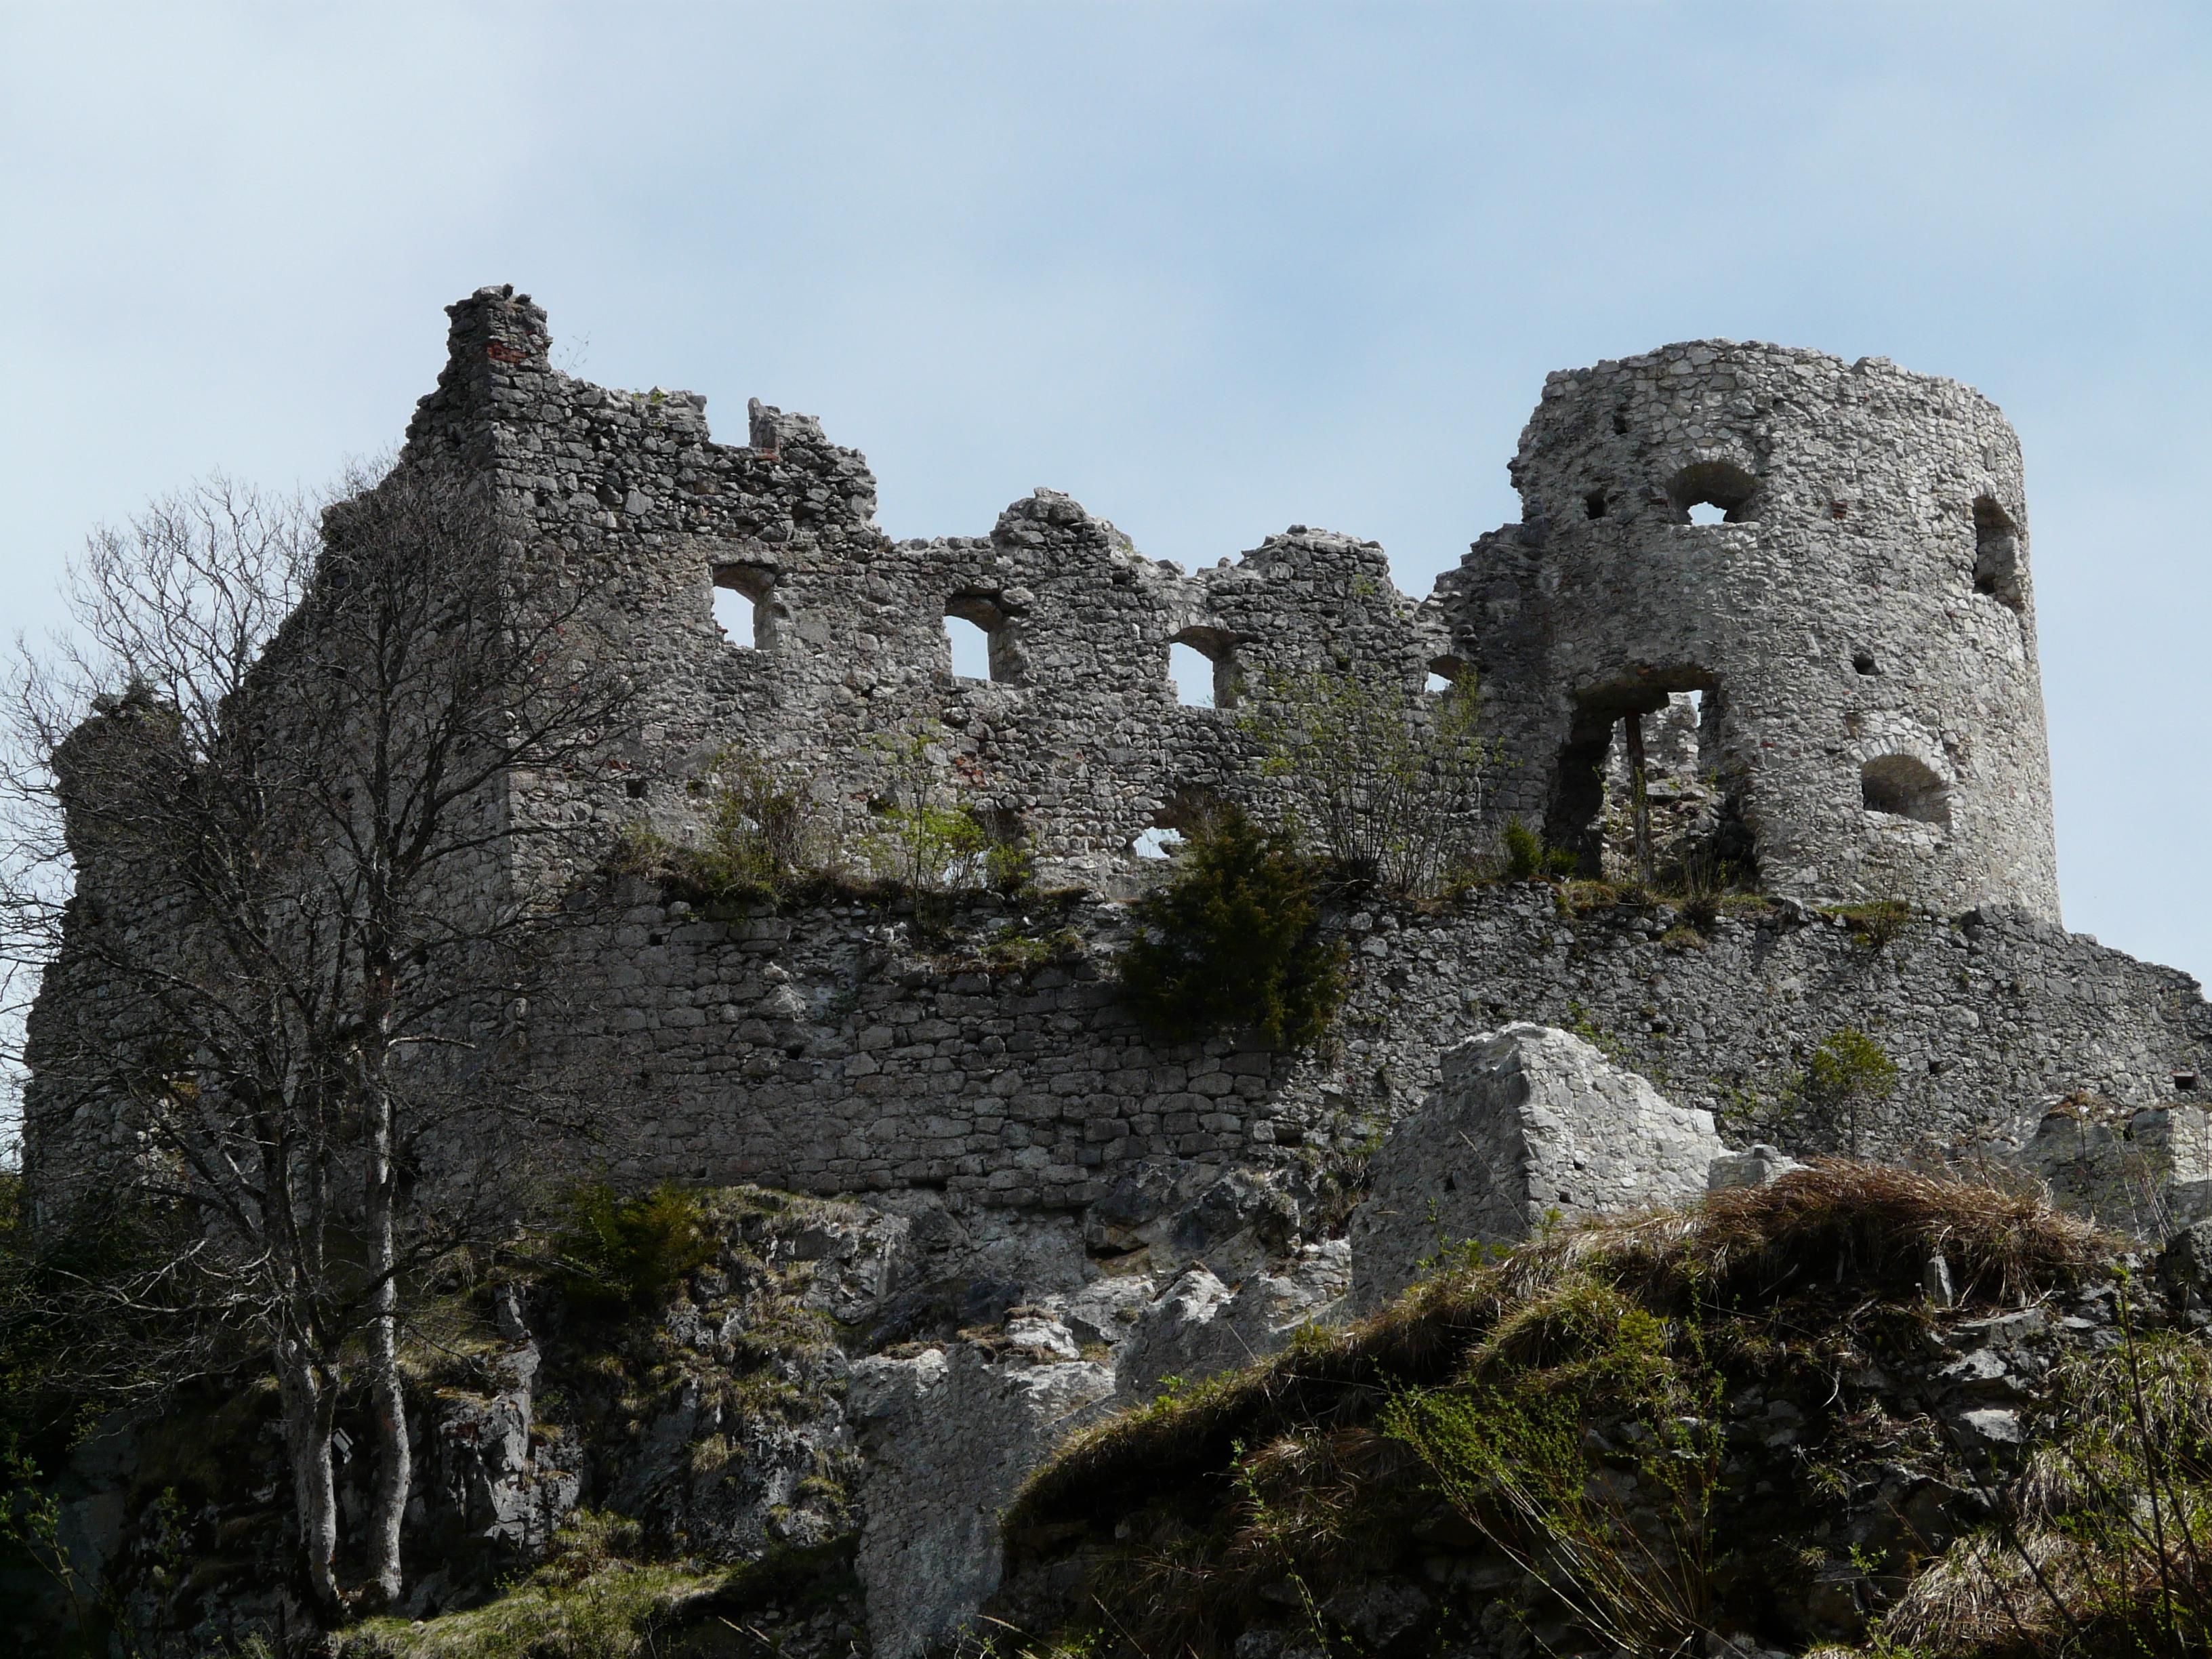 осуществляется фотографии древних рыцарских замков в горах компания ведет